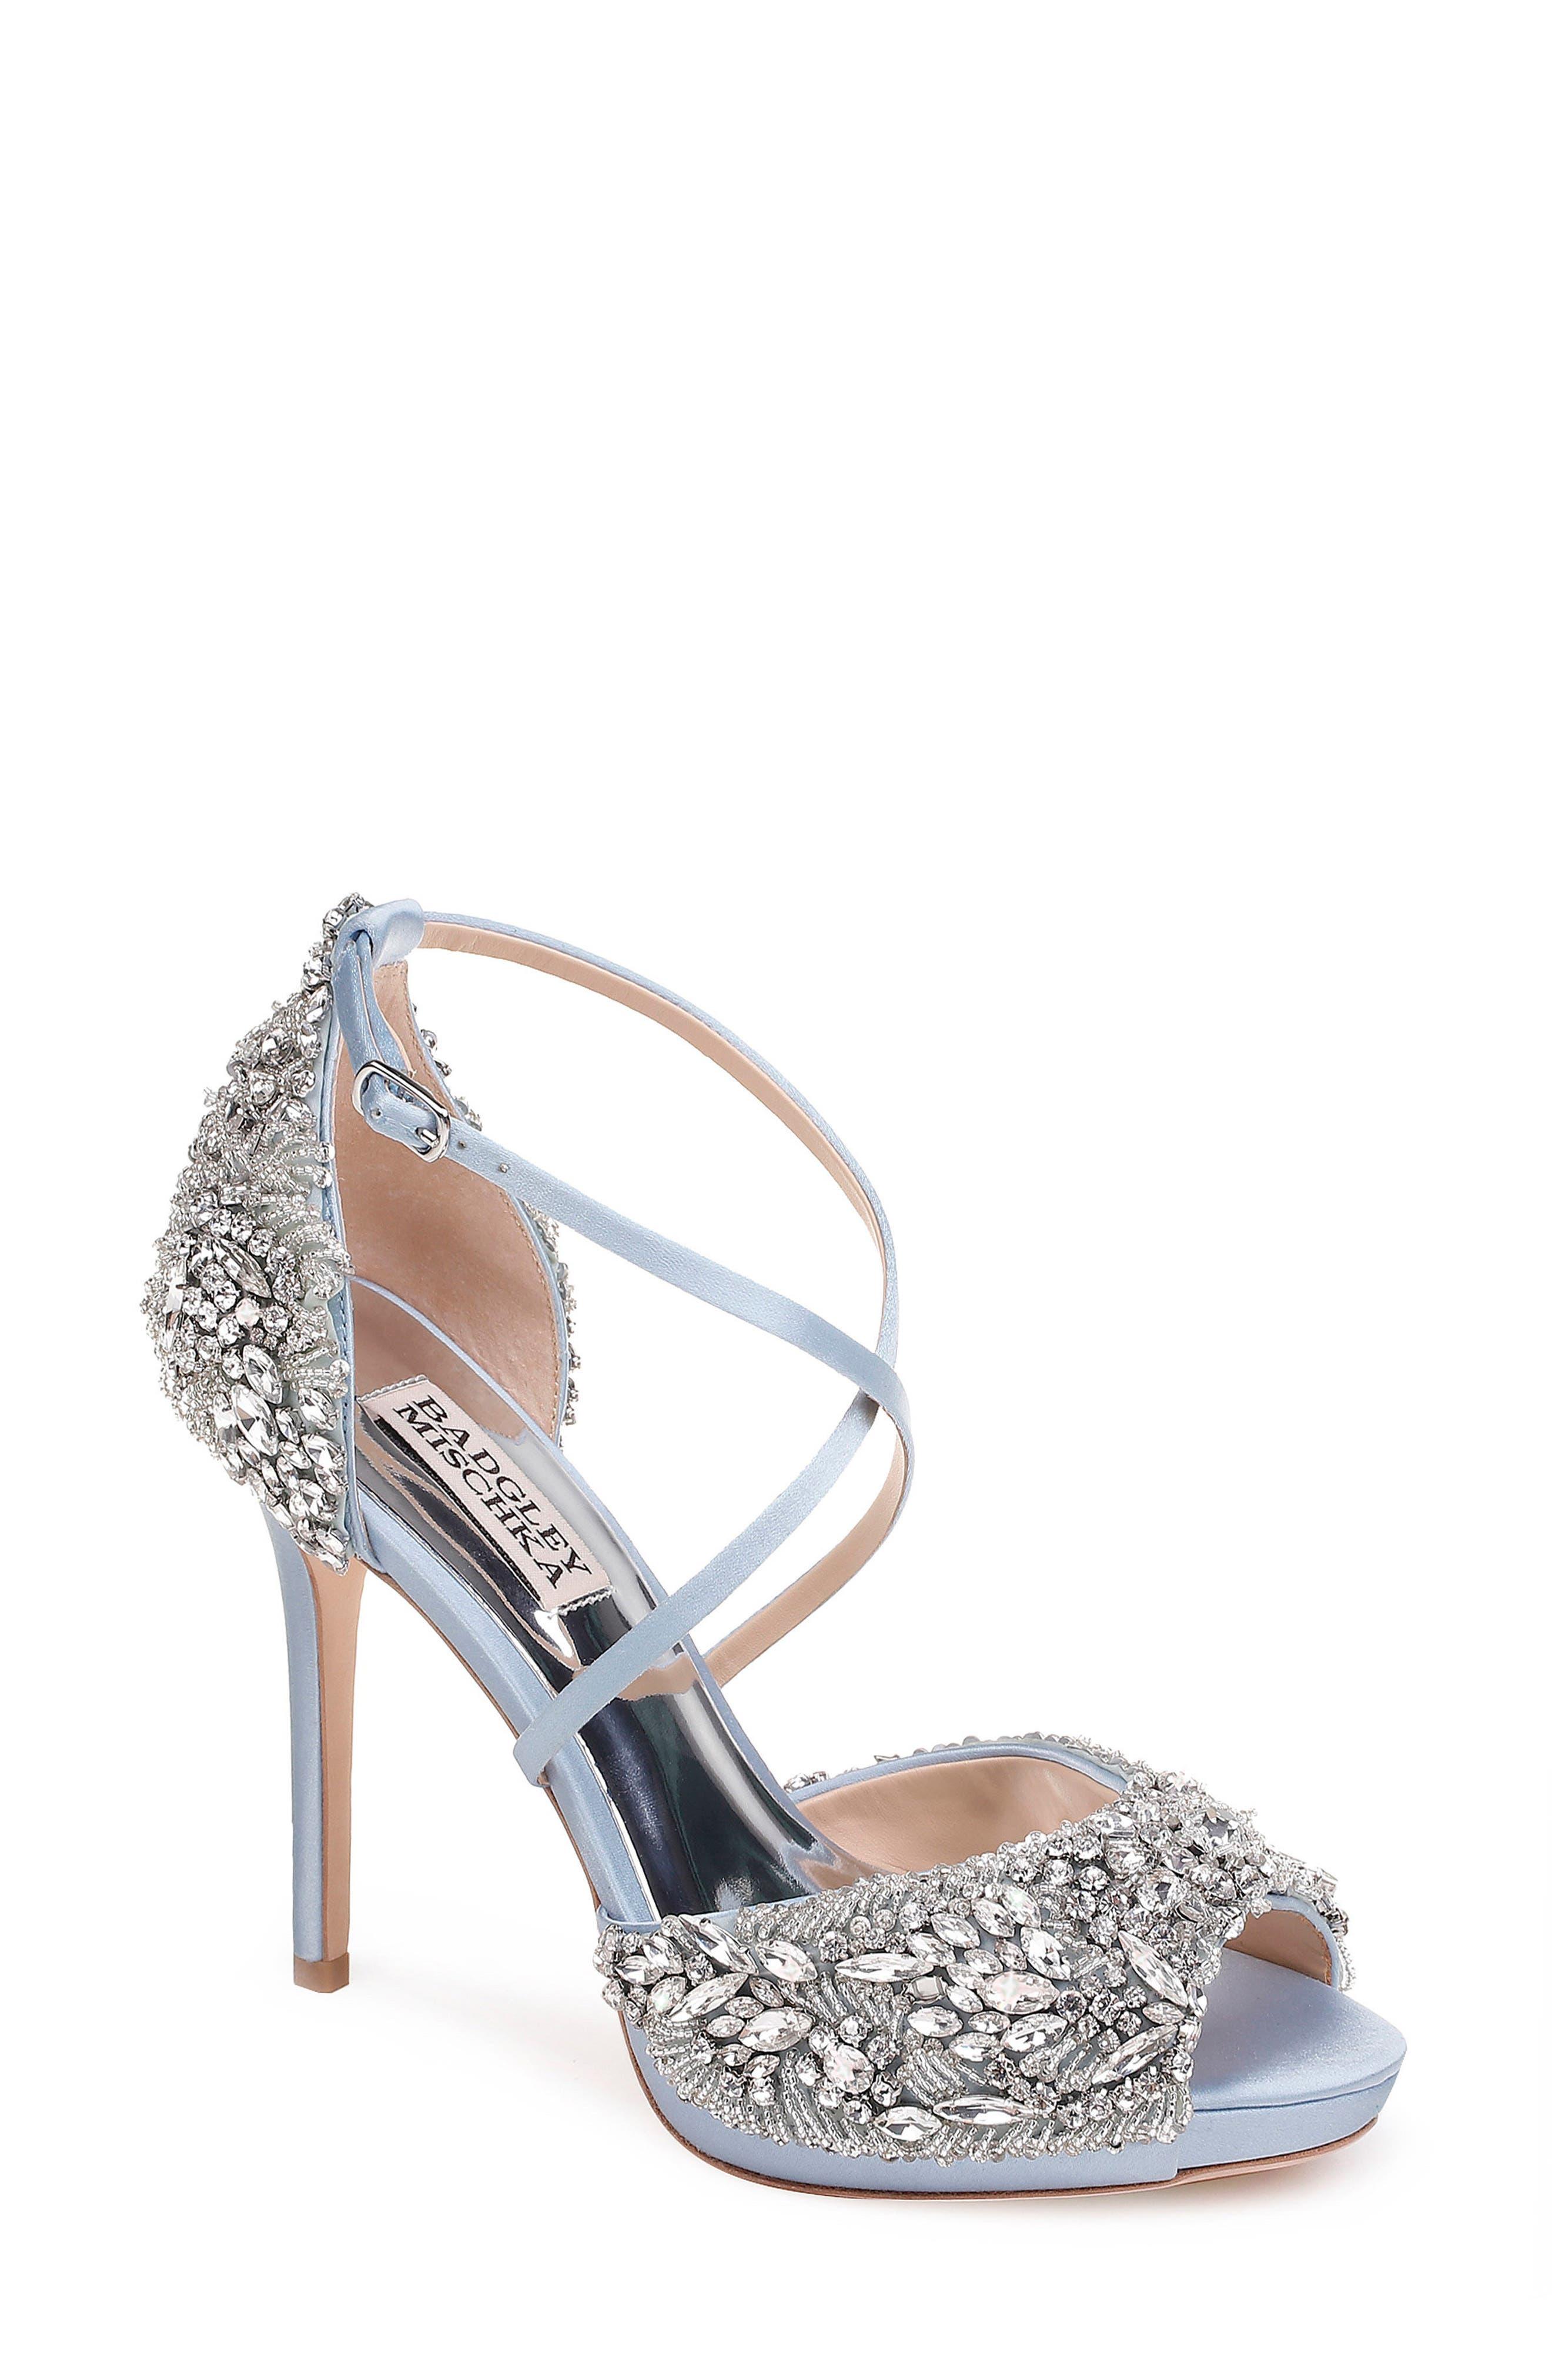 Hyper Crystal Embellished Sandal,                         Main,                         color, Light Blue Satin